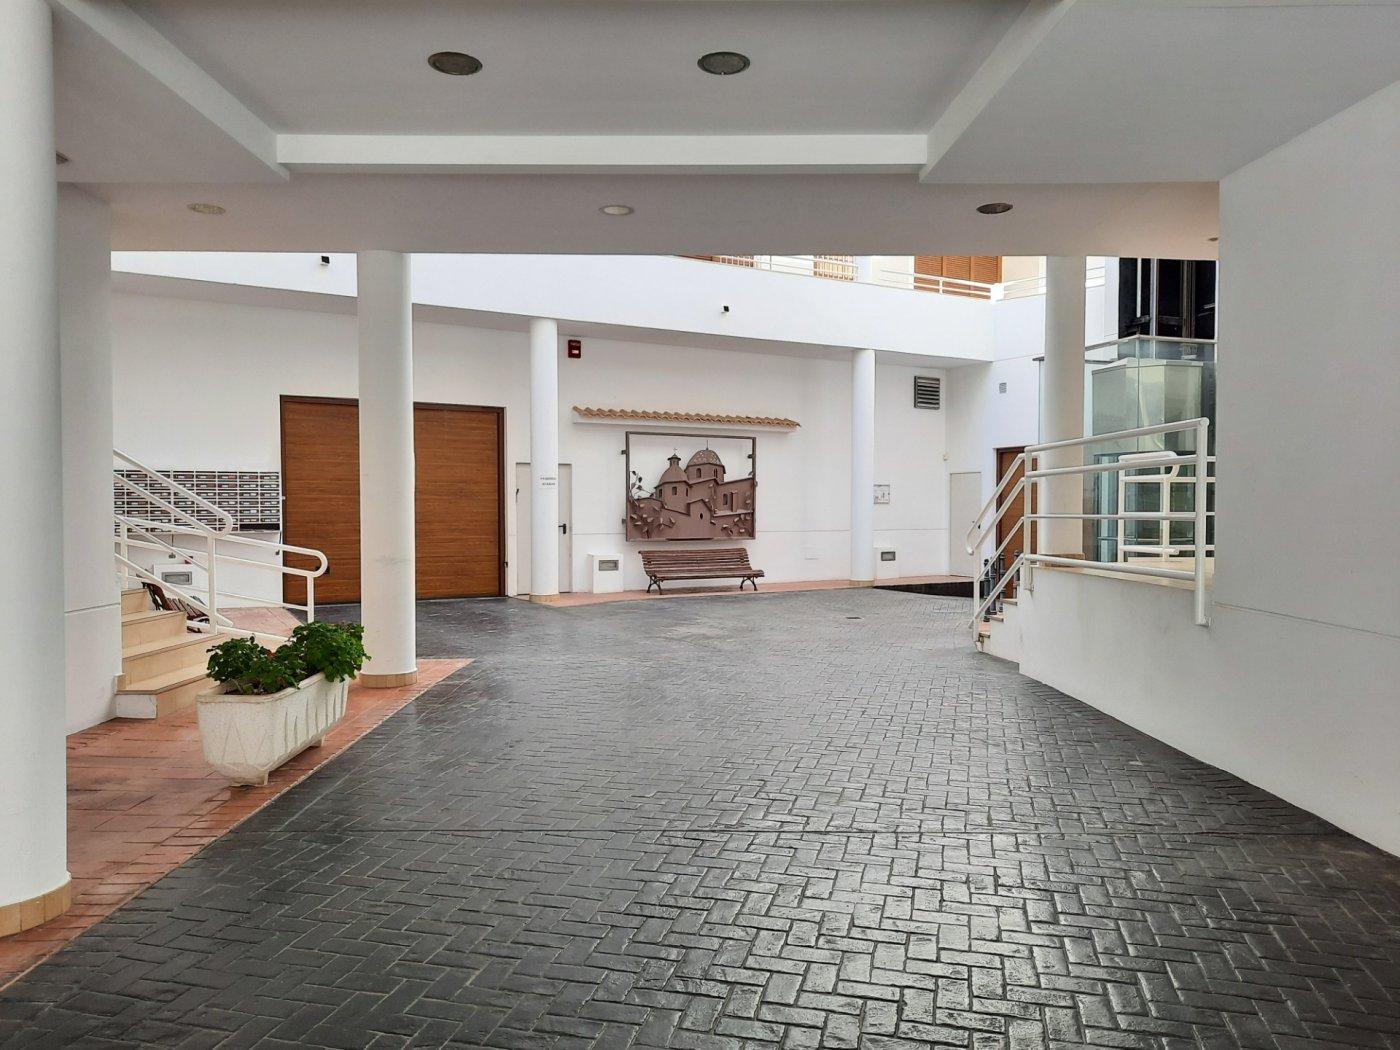 Espacioso piso en altea - imagenInmueble15